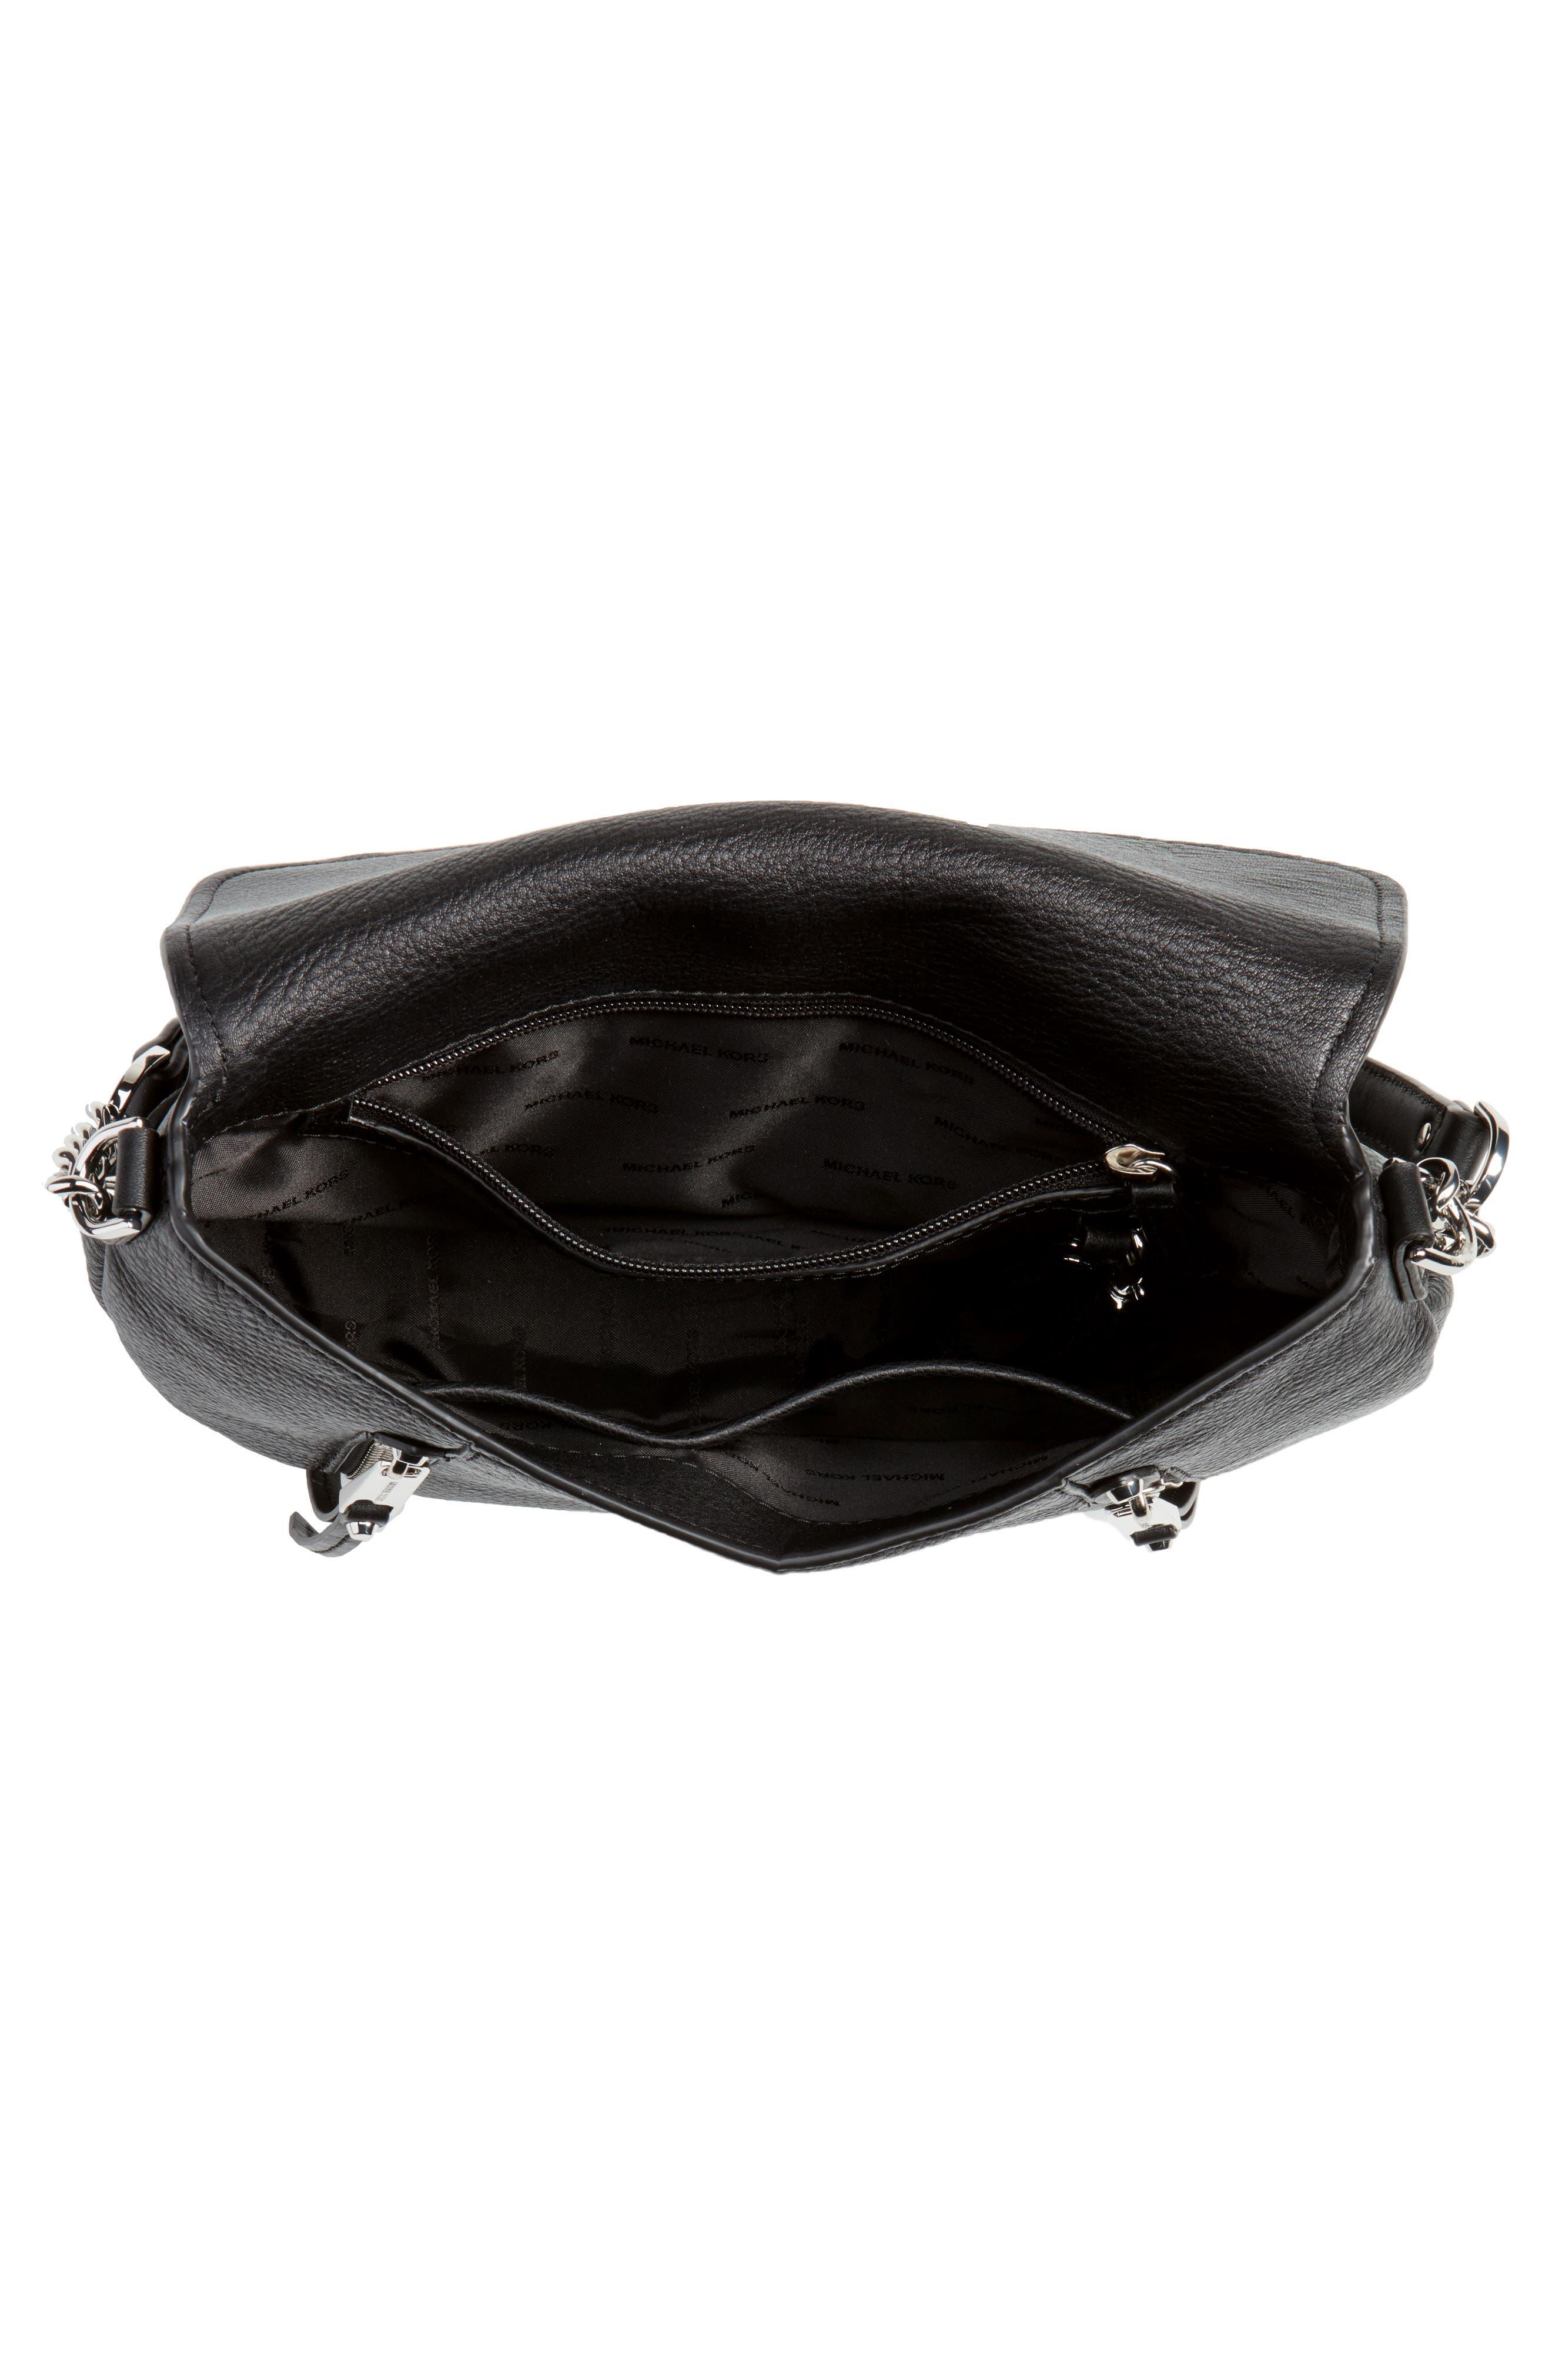 Medium Leather Shoulder Bag,                             Alternate thumbnail 4, color,                             Black